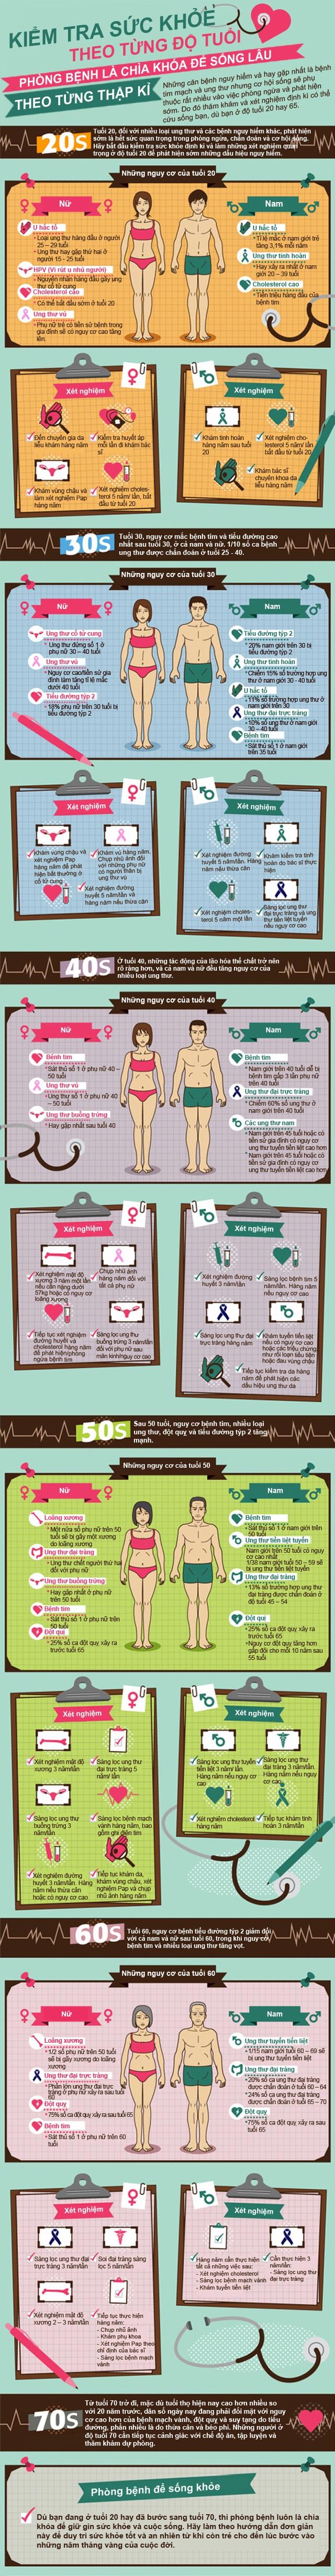 Infographic: Kiểm tra sức khỏe theo từng độ tuổi - 1